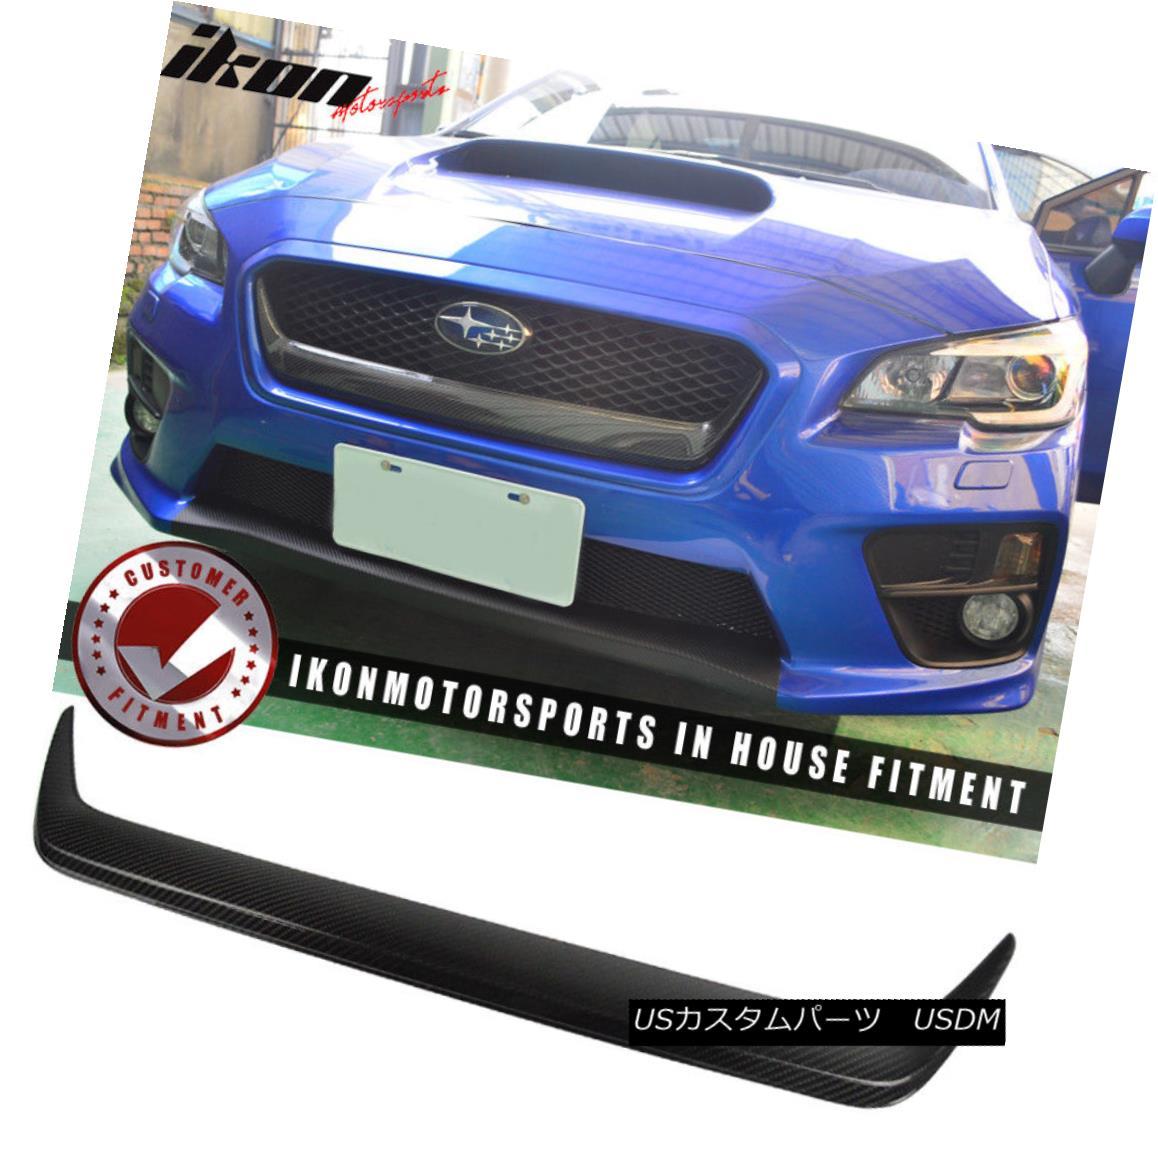 グリル For 15-18 Subaru WRX STI Front Grille Grill Garnish Cover Trim Carbon Fiber CF 15-18スバルWRX STIフロントグリルグリルガーニッシュカバートリムカーボンファイバーCF用